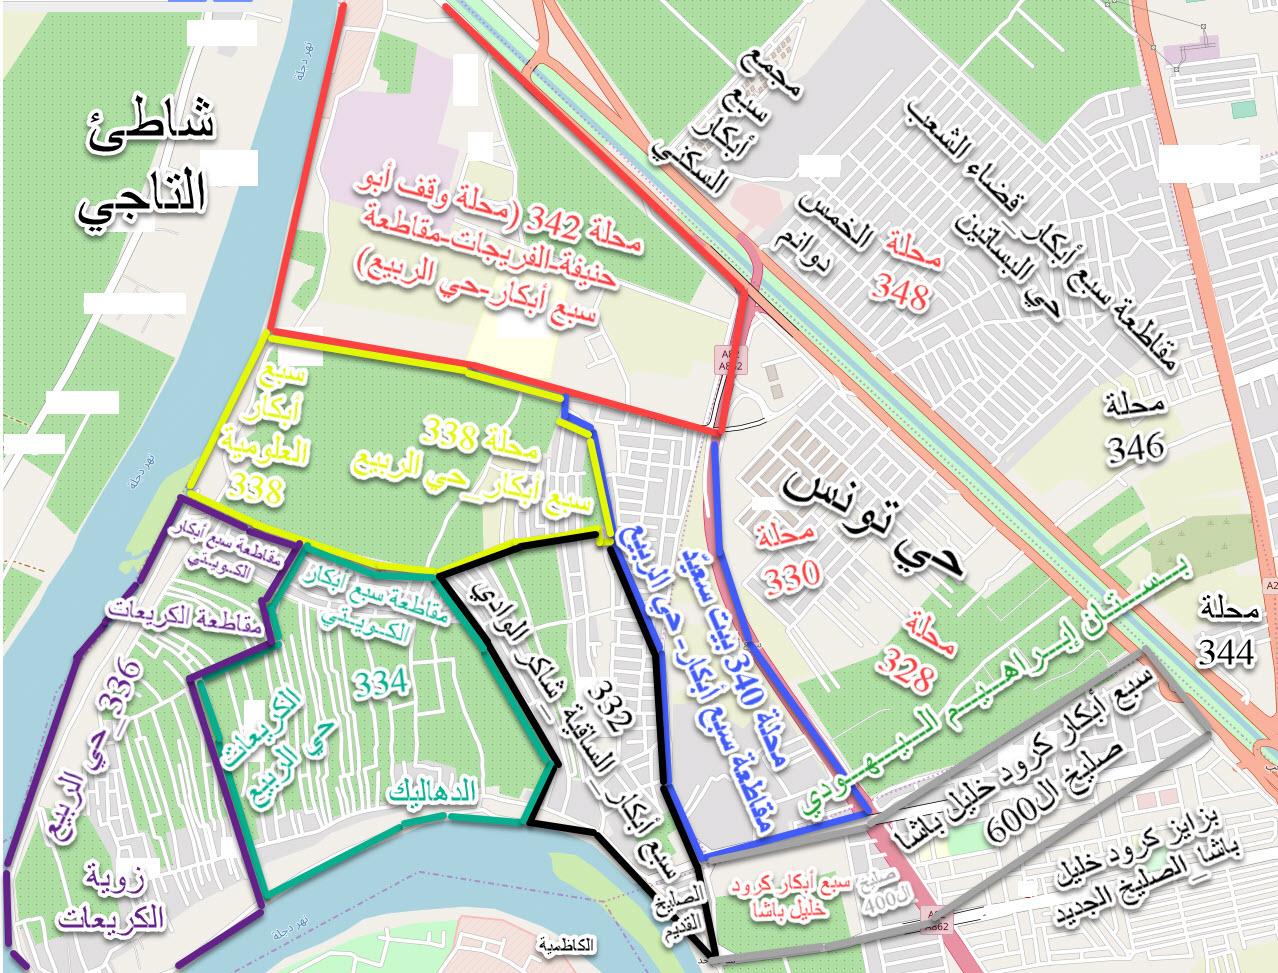 928ac414c أرقام وأسماء محلات منطقة سبع أبكار وما حولها.jpg